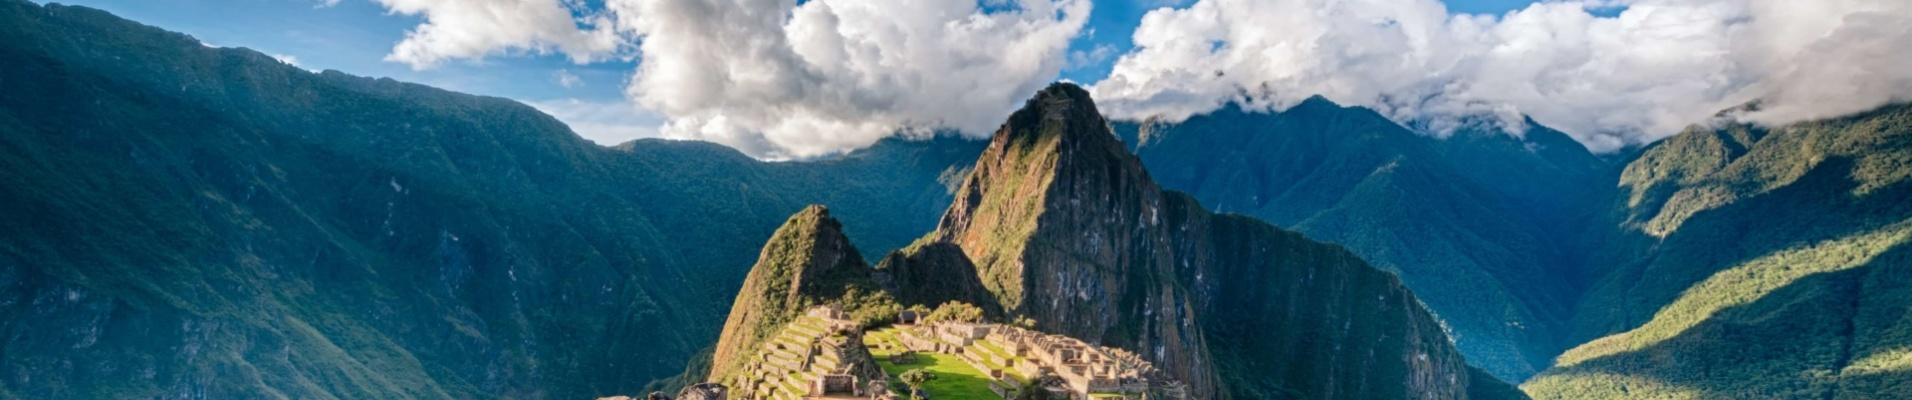 Panorama 360 sur le Machu Picchu, Pérou